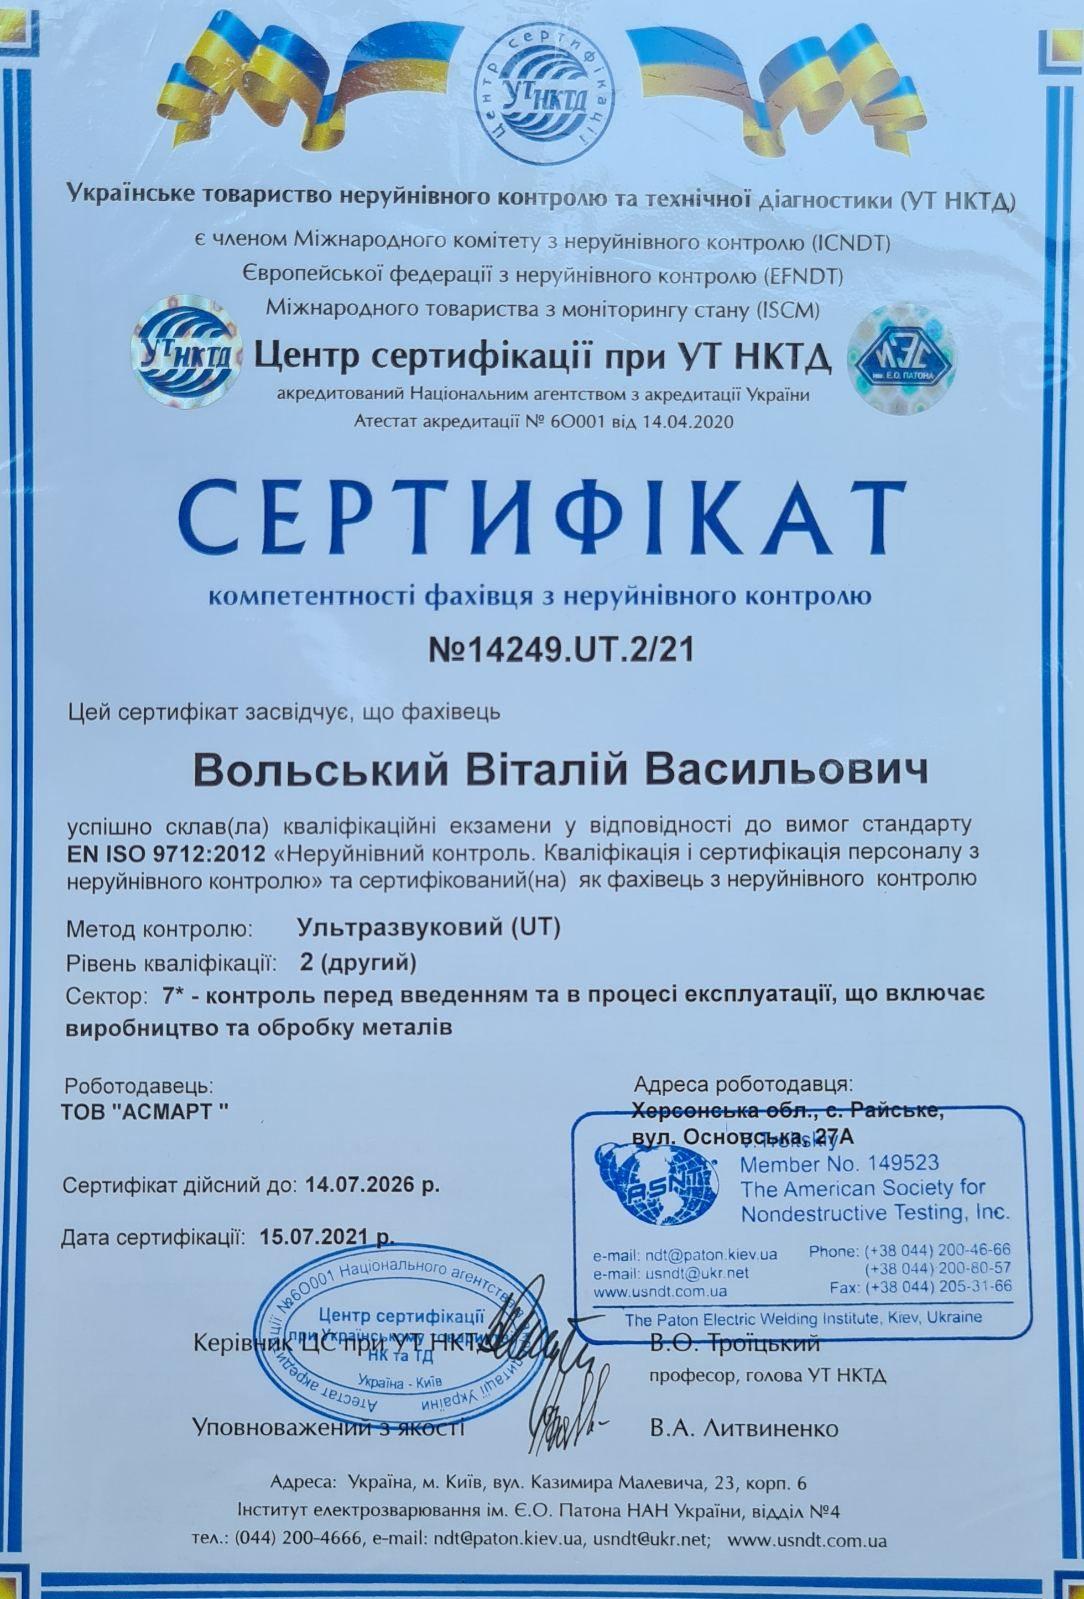 Получение сертификата по неразрушающему контролю